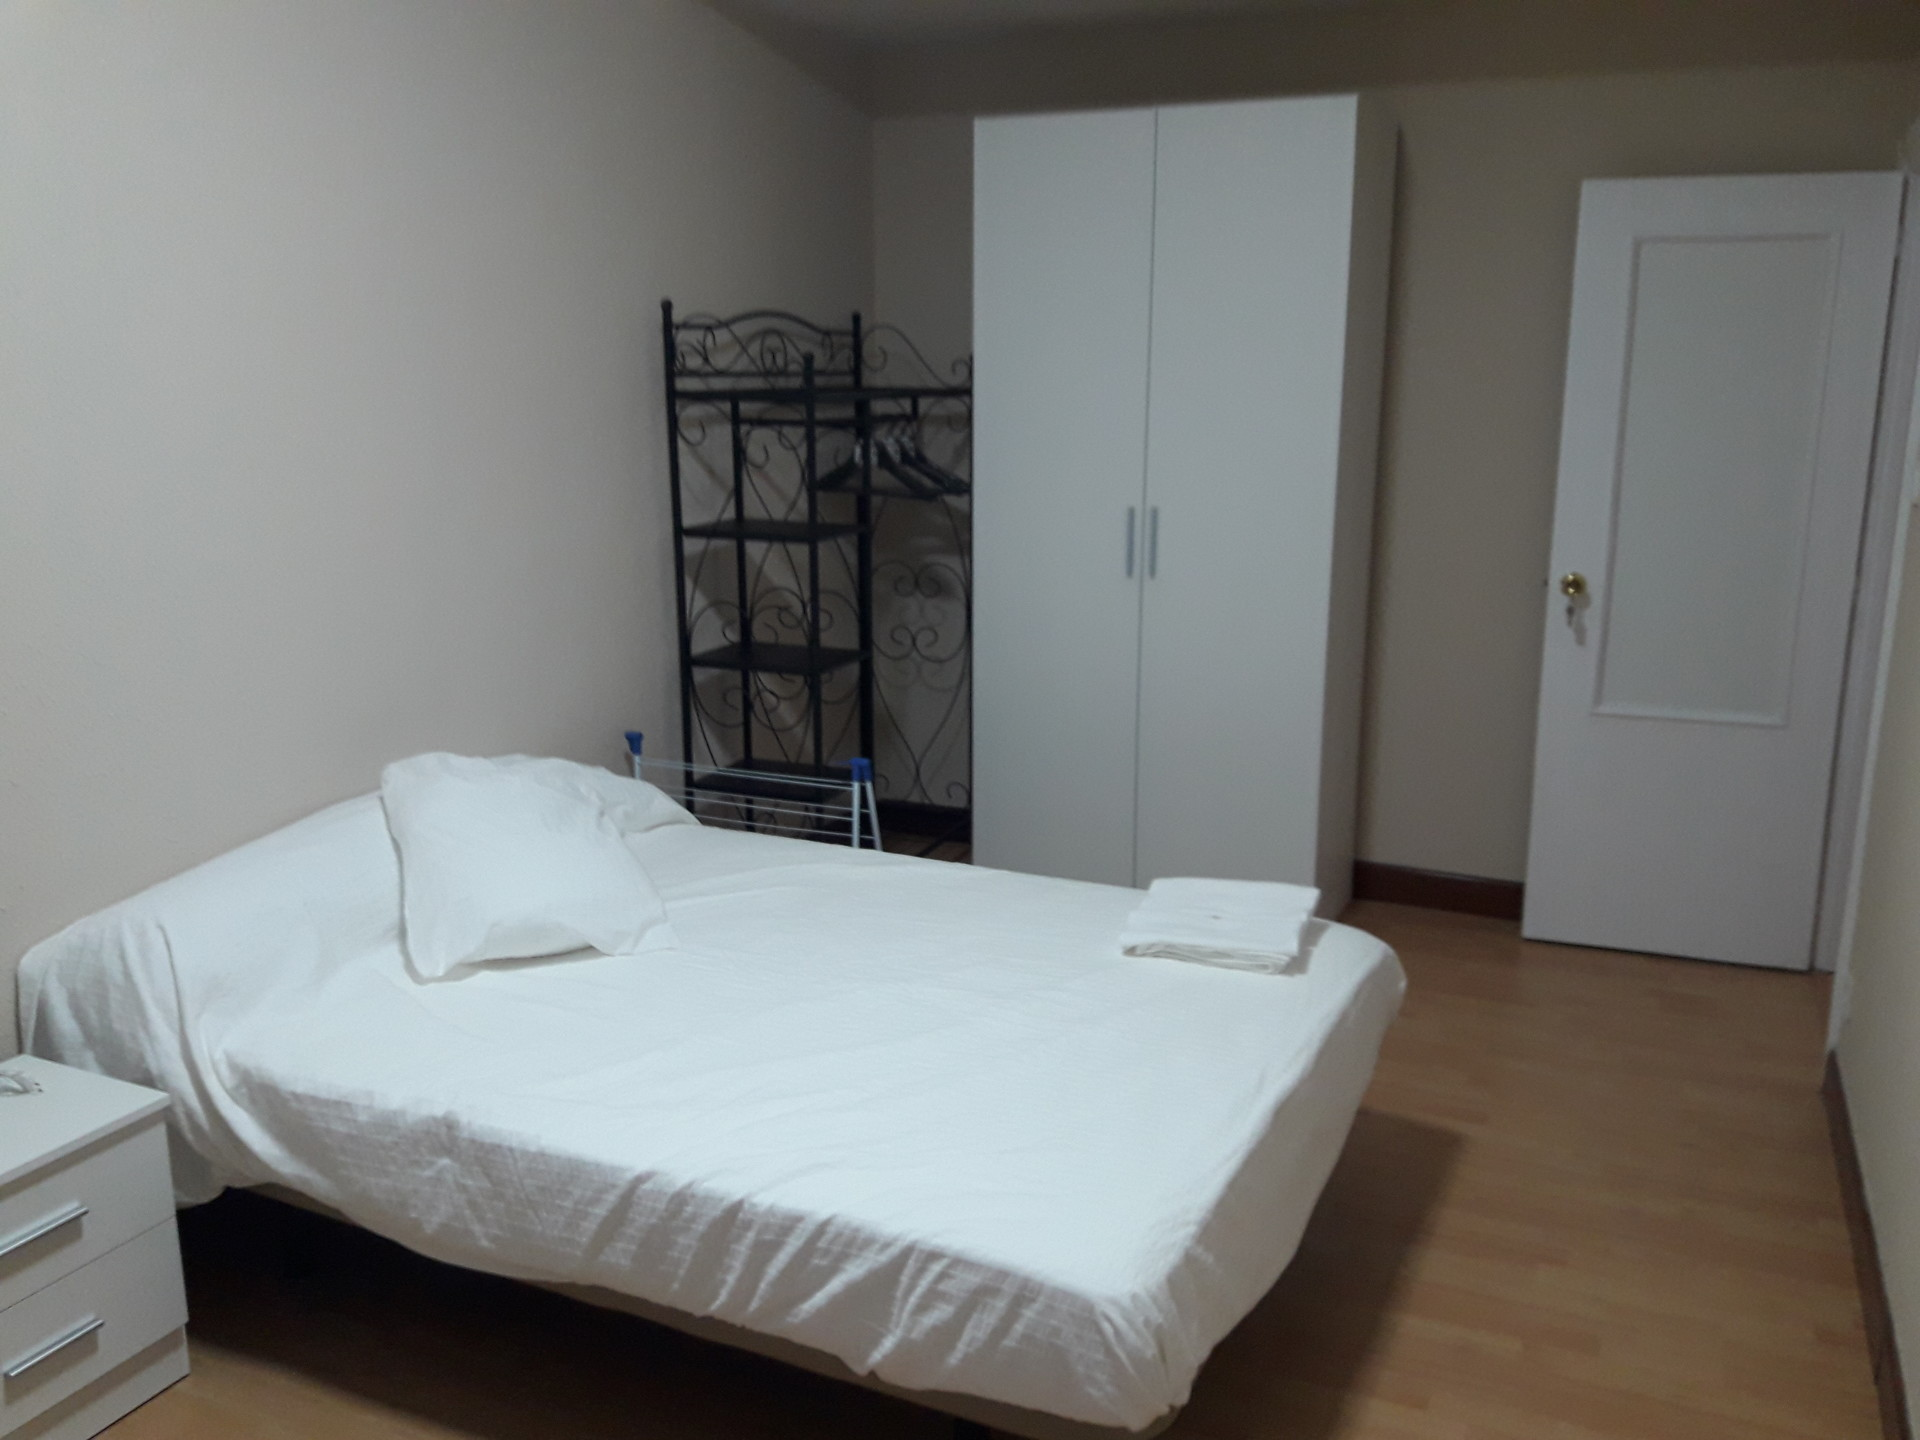 Piso compartido Bilbao y Habitaciones en alquiler Bilbao